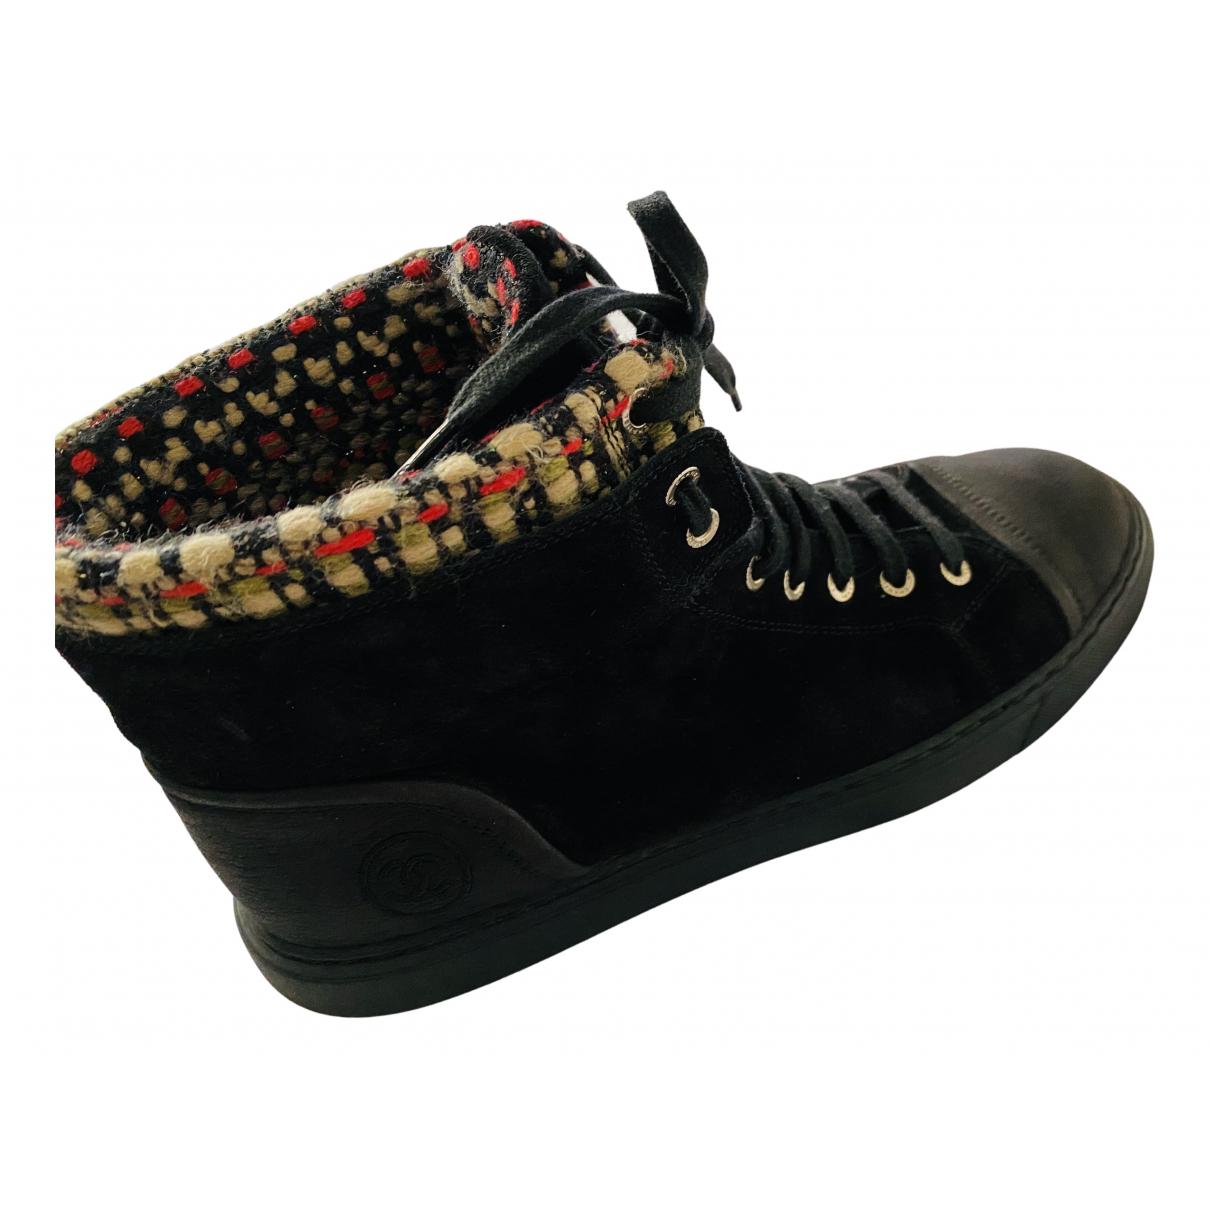 Chanel - Boots   pour femme en velours - noir